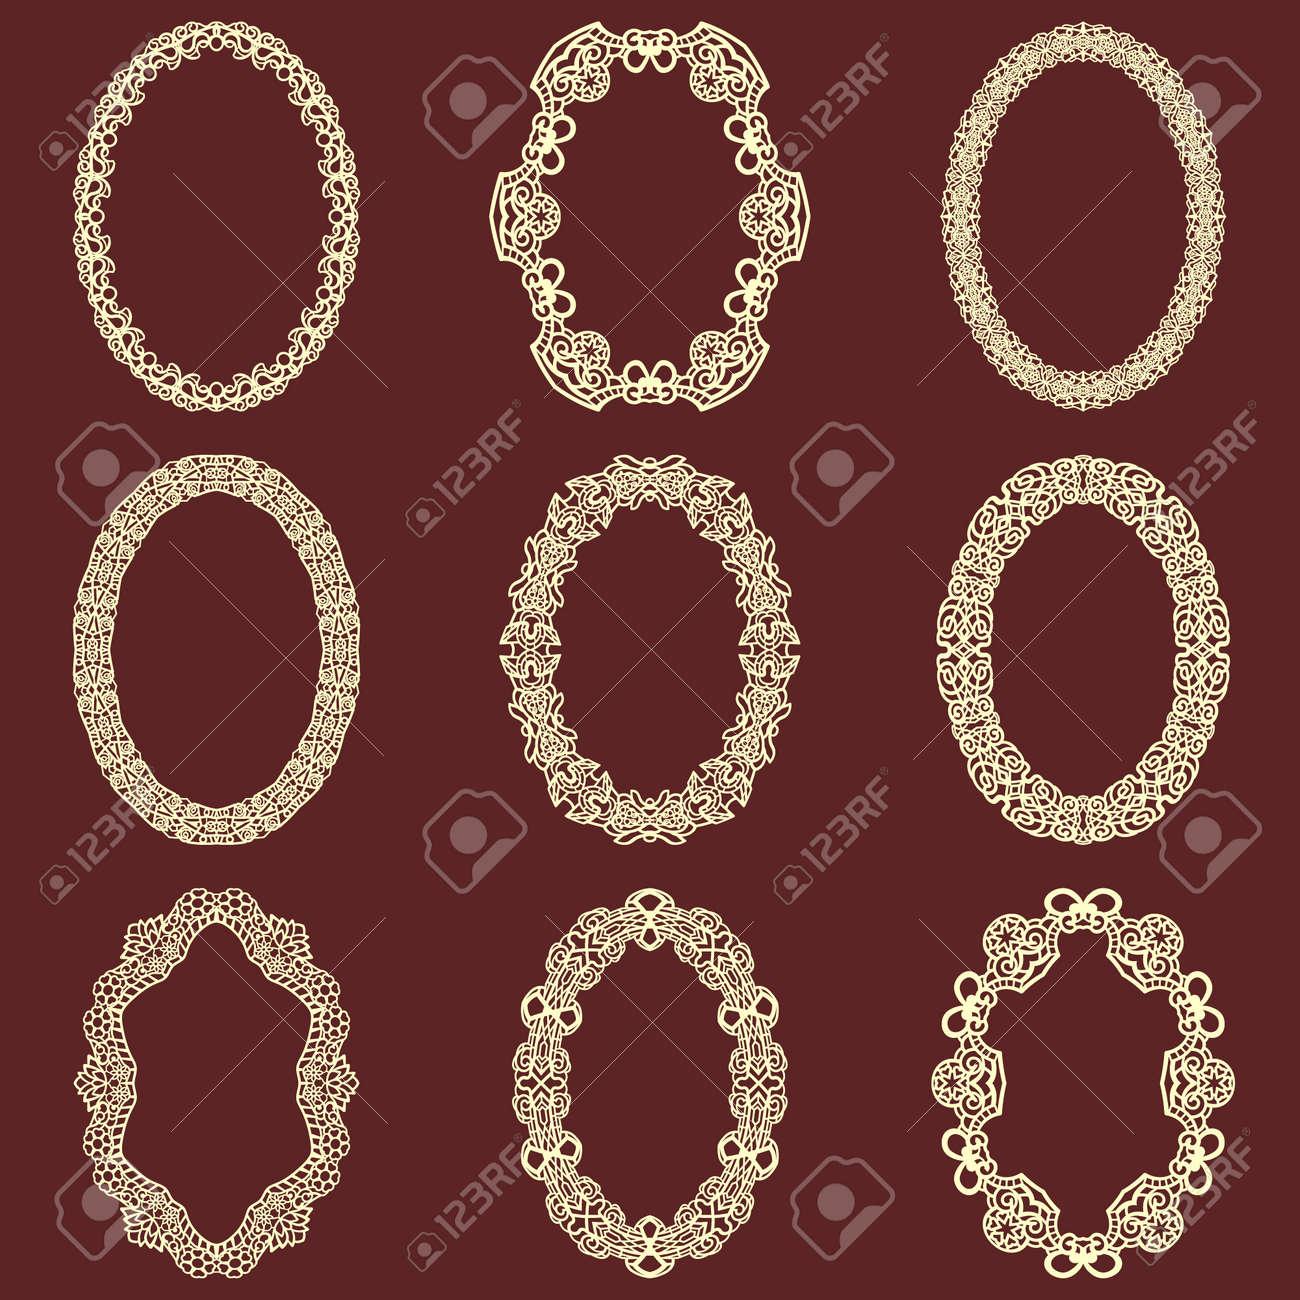 Conjunto De Fondo Aislado De Marcos Vintage Ovales. Elementos De ...